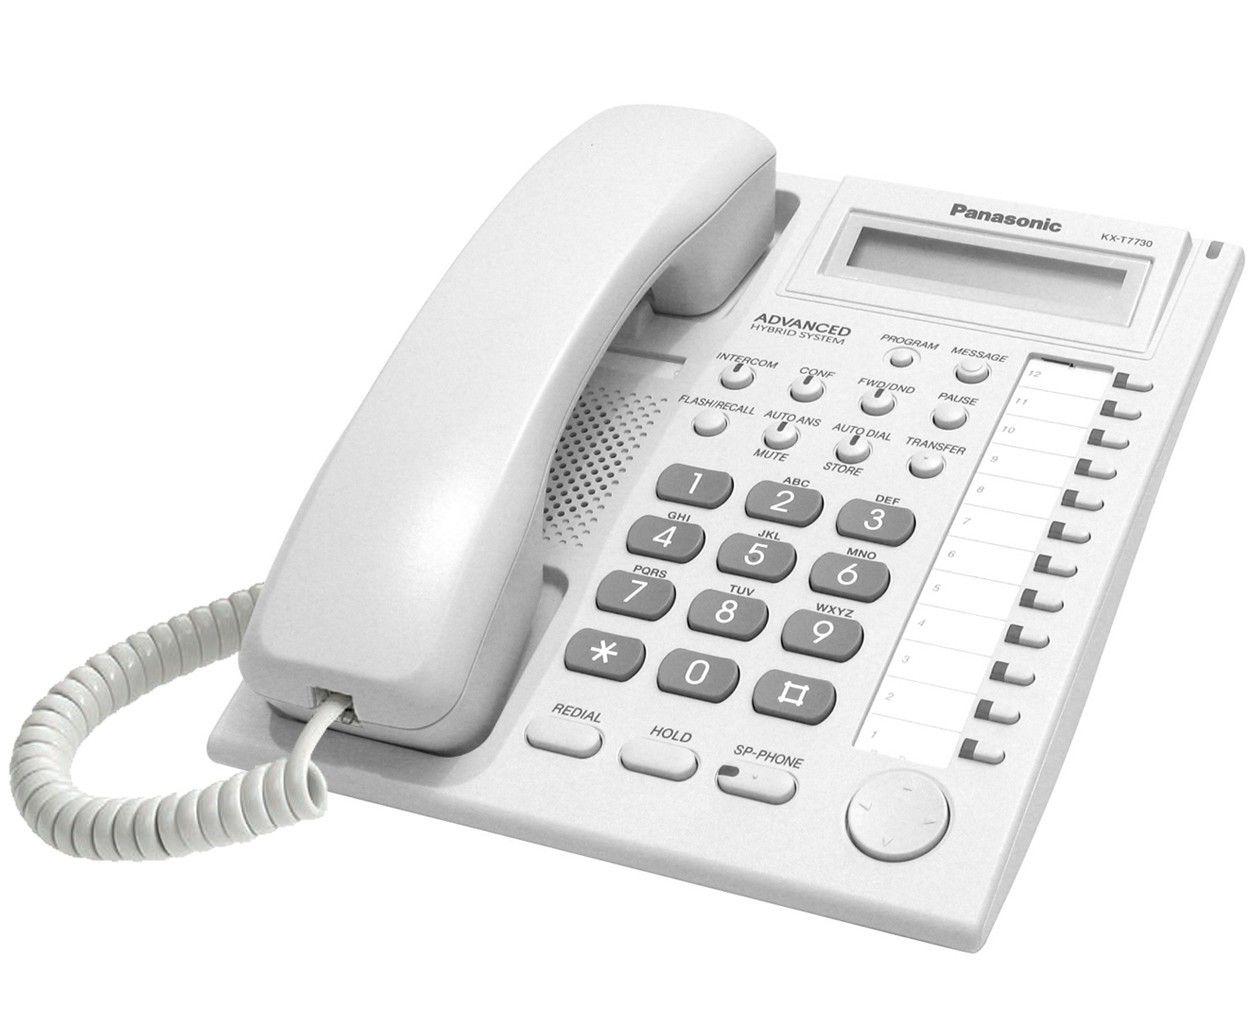 Aparelho Telefônico KX-7730X Branco - Panasonic